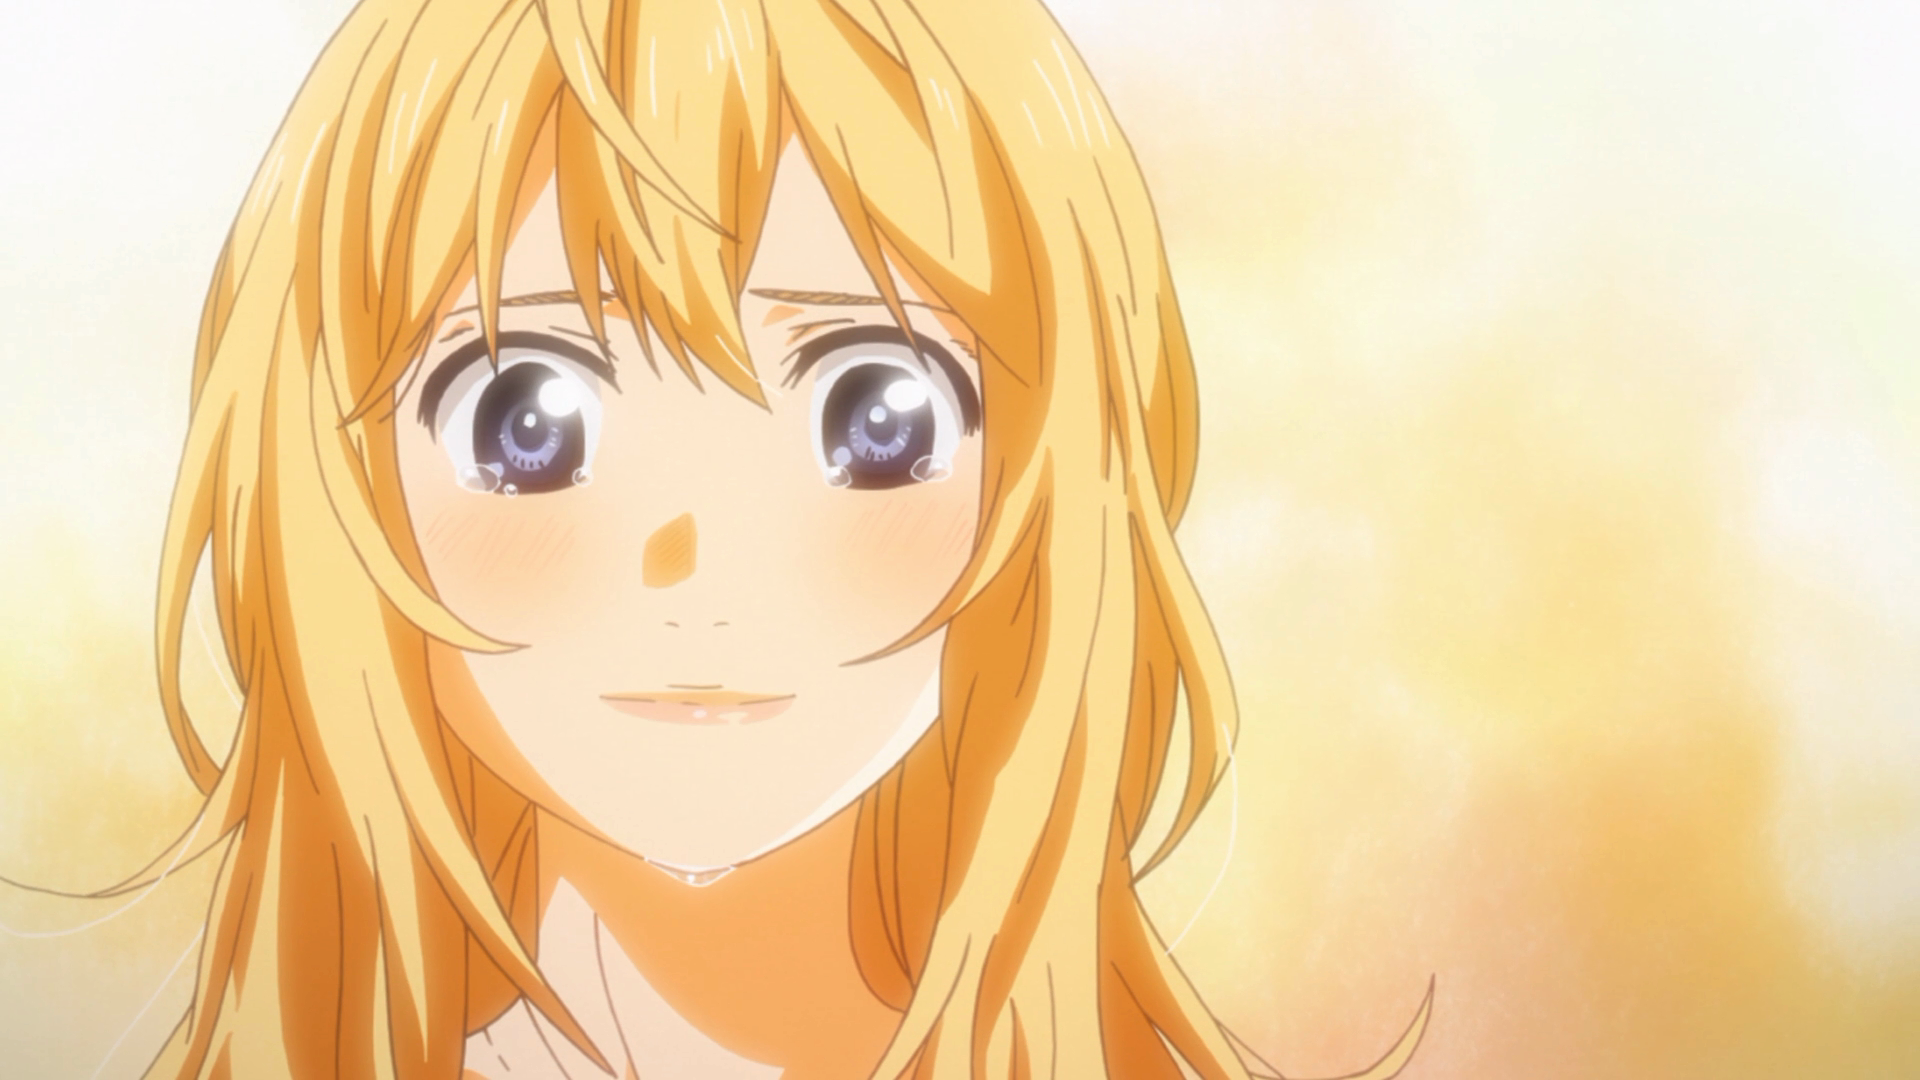 Kaori chora de emoção durante a apresentação de Kousei. Ela ser o único personagem que faz sentido no episódio é um mau sinal.